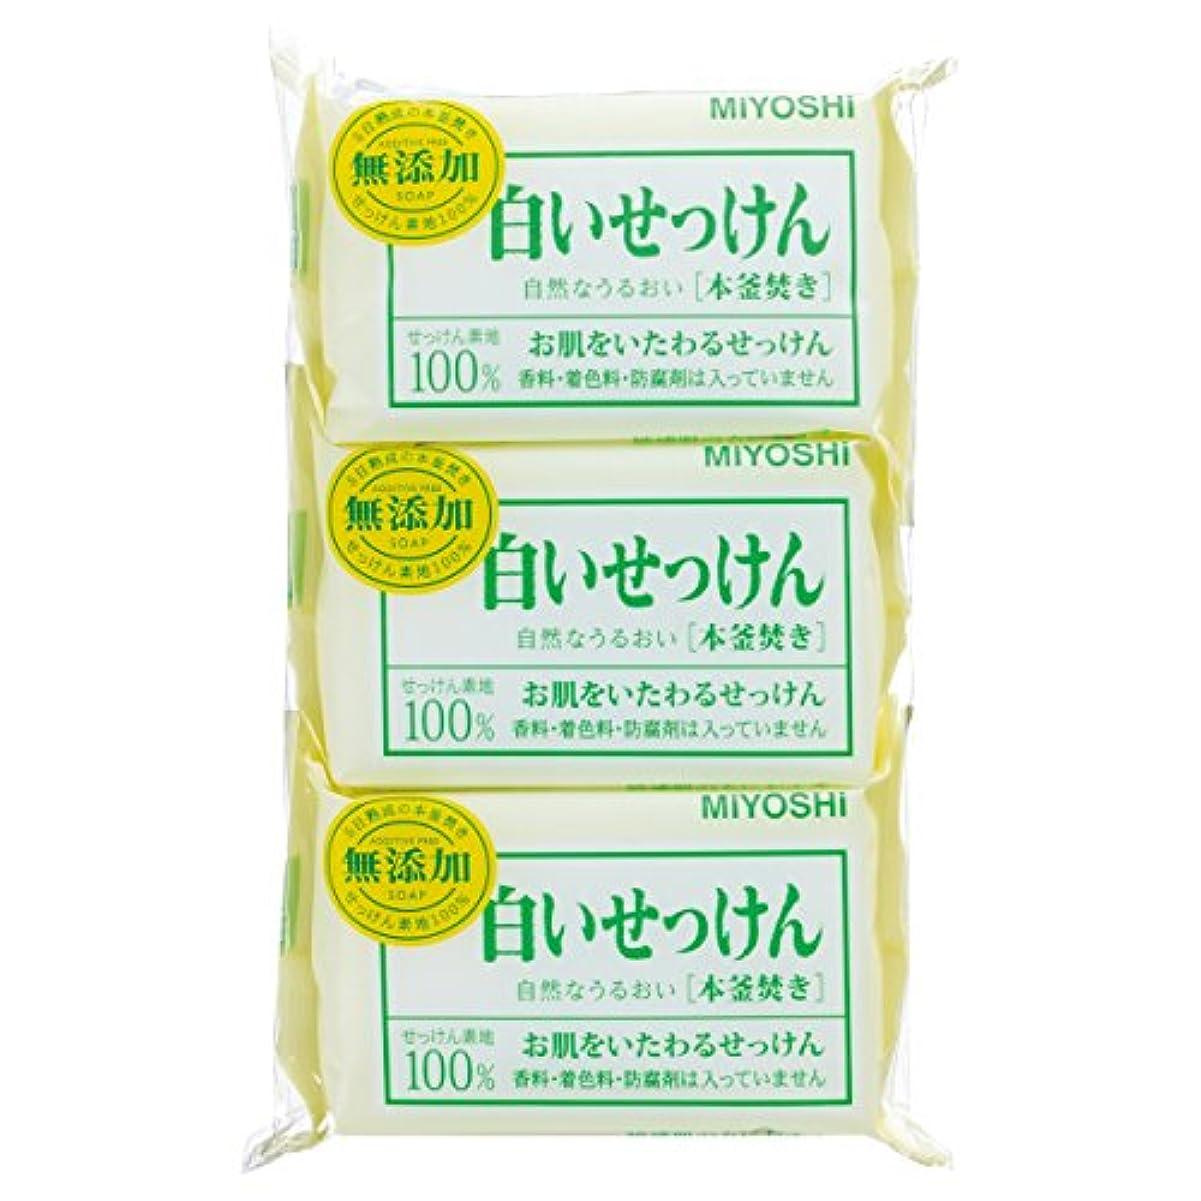 シャトルアテンダント甘味ミヨシ石鹸 無添加石鹸白いせっけん3P